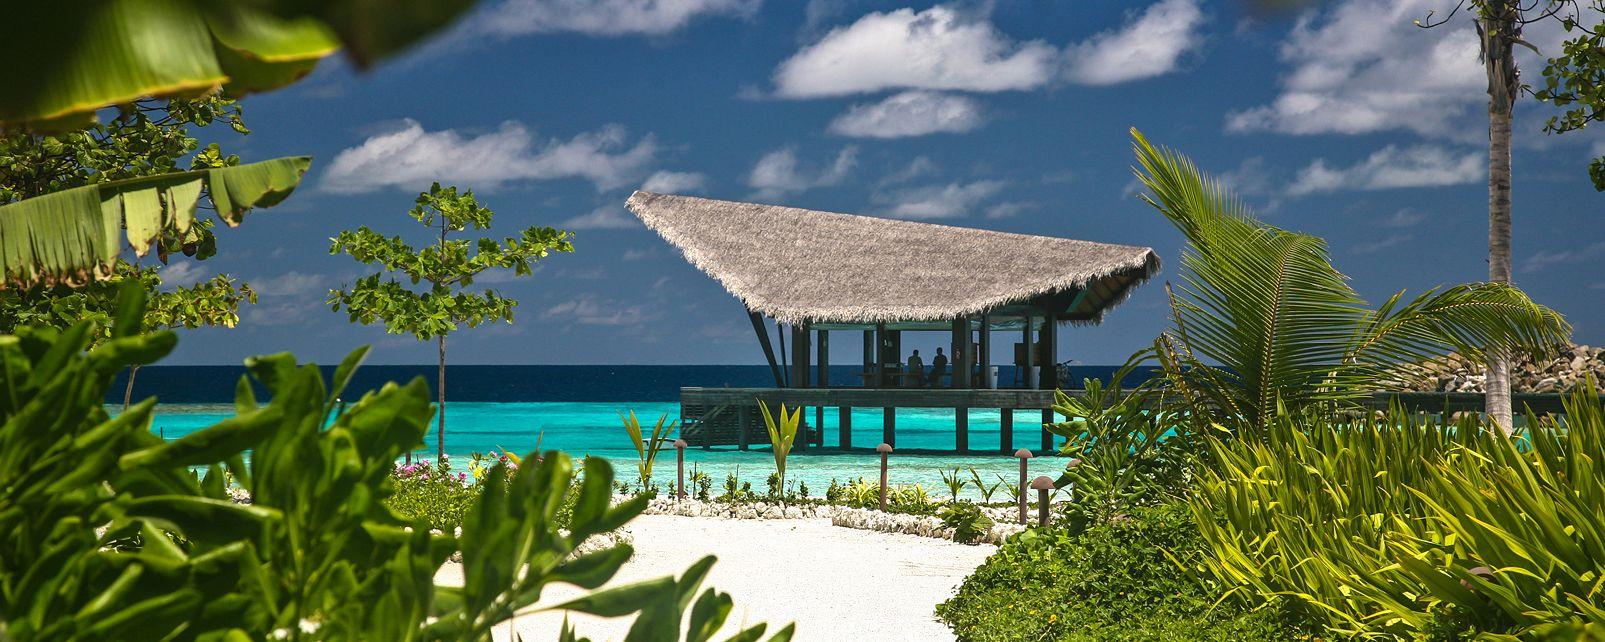 Hôtel The Residence Maldives